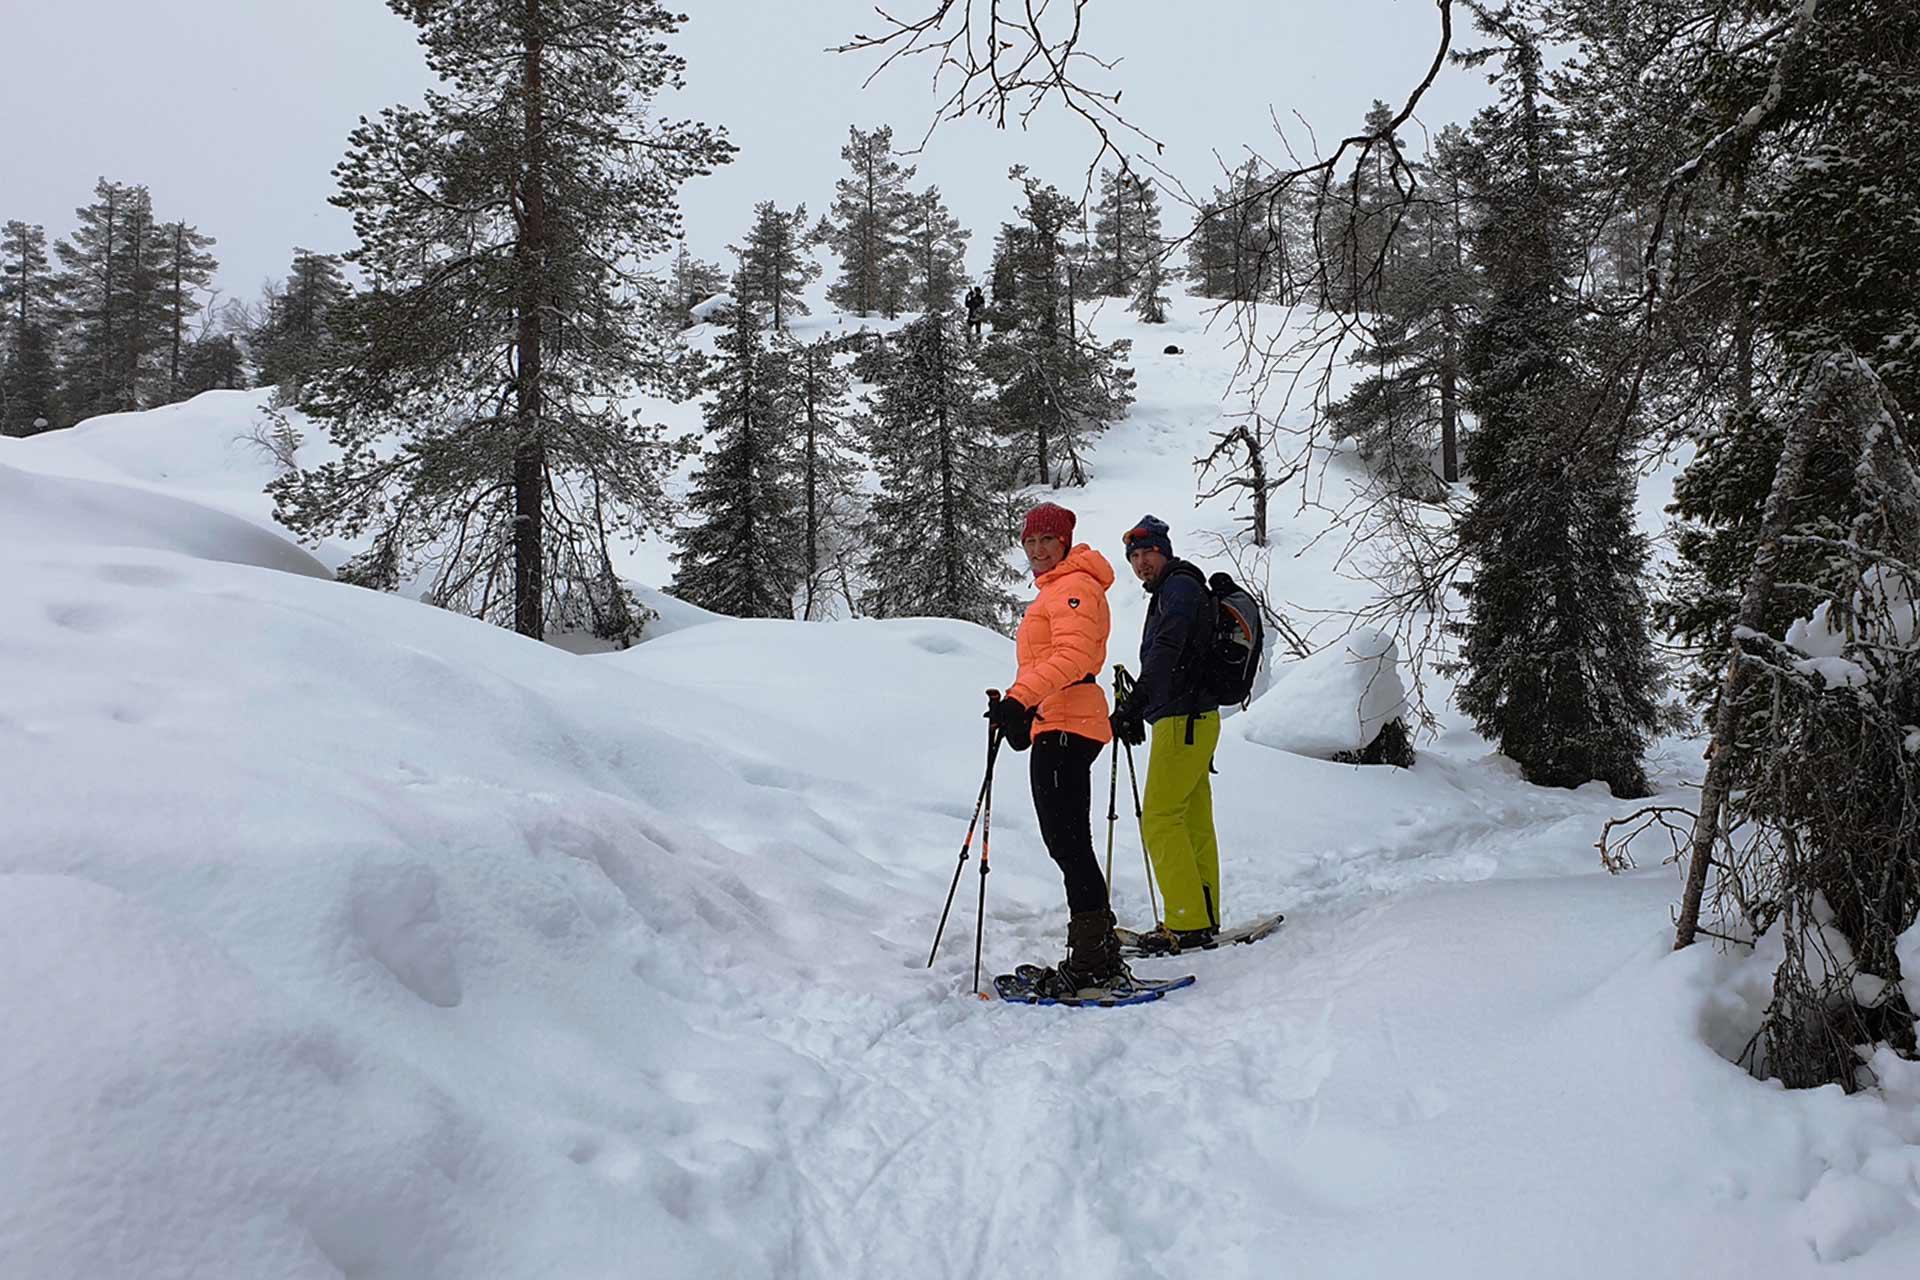 Lumikentäily on mukava aktiviteeti Levillä talvisin.